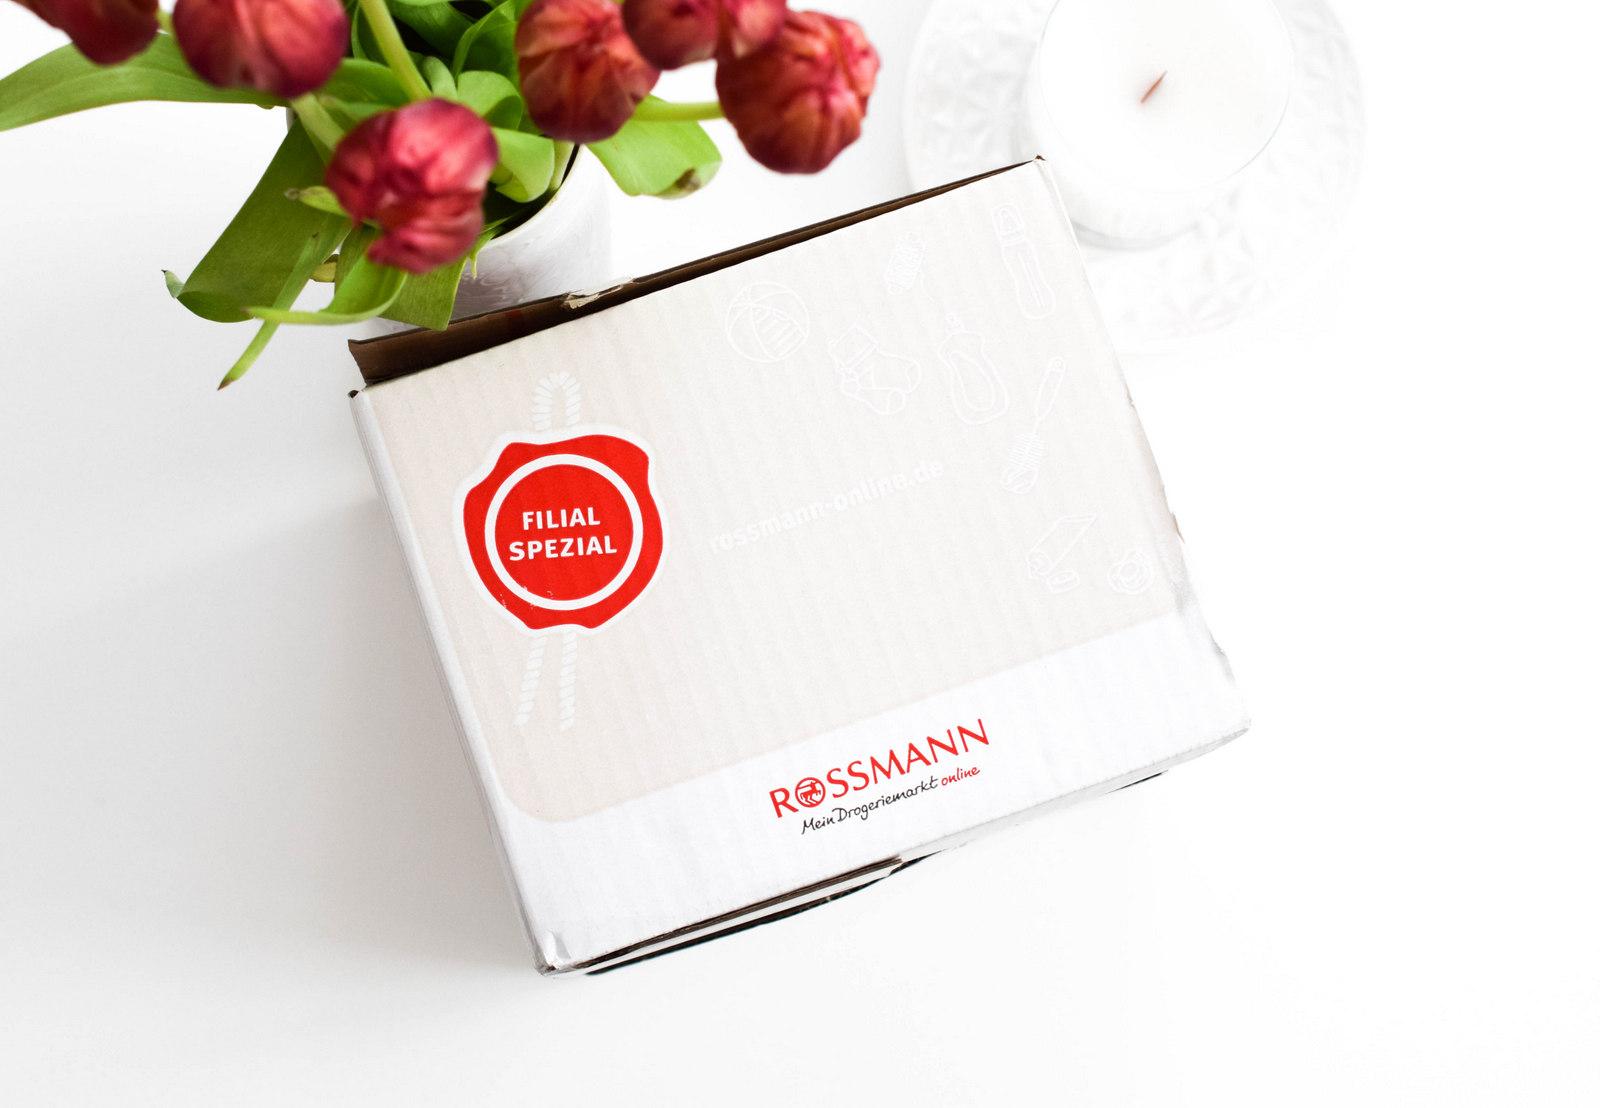 Rossmann Filial Spezial im Rossmann Online Shop. Ein Angebot für Eltern, die spezielle Babyprodukte und Spezialnahrung brauchen.